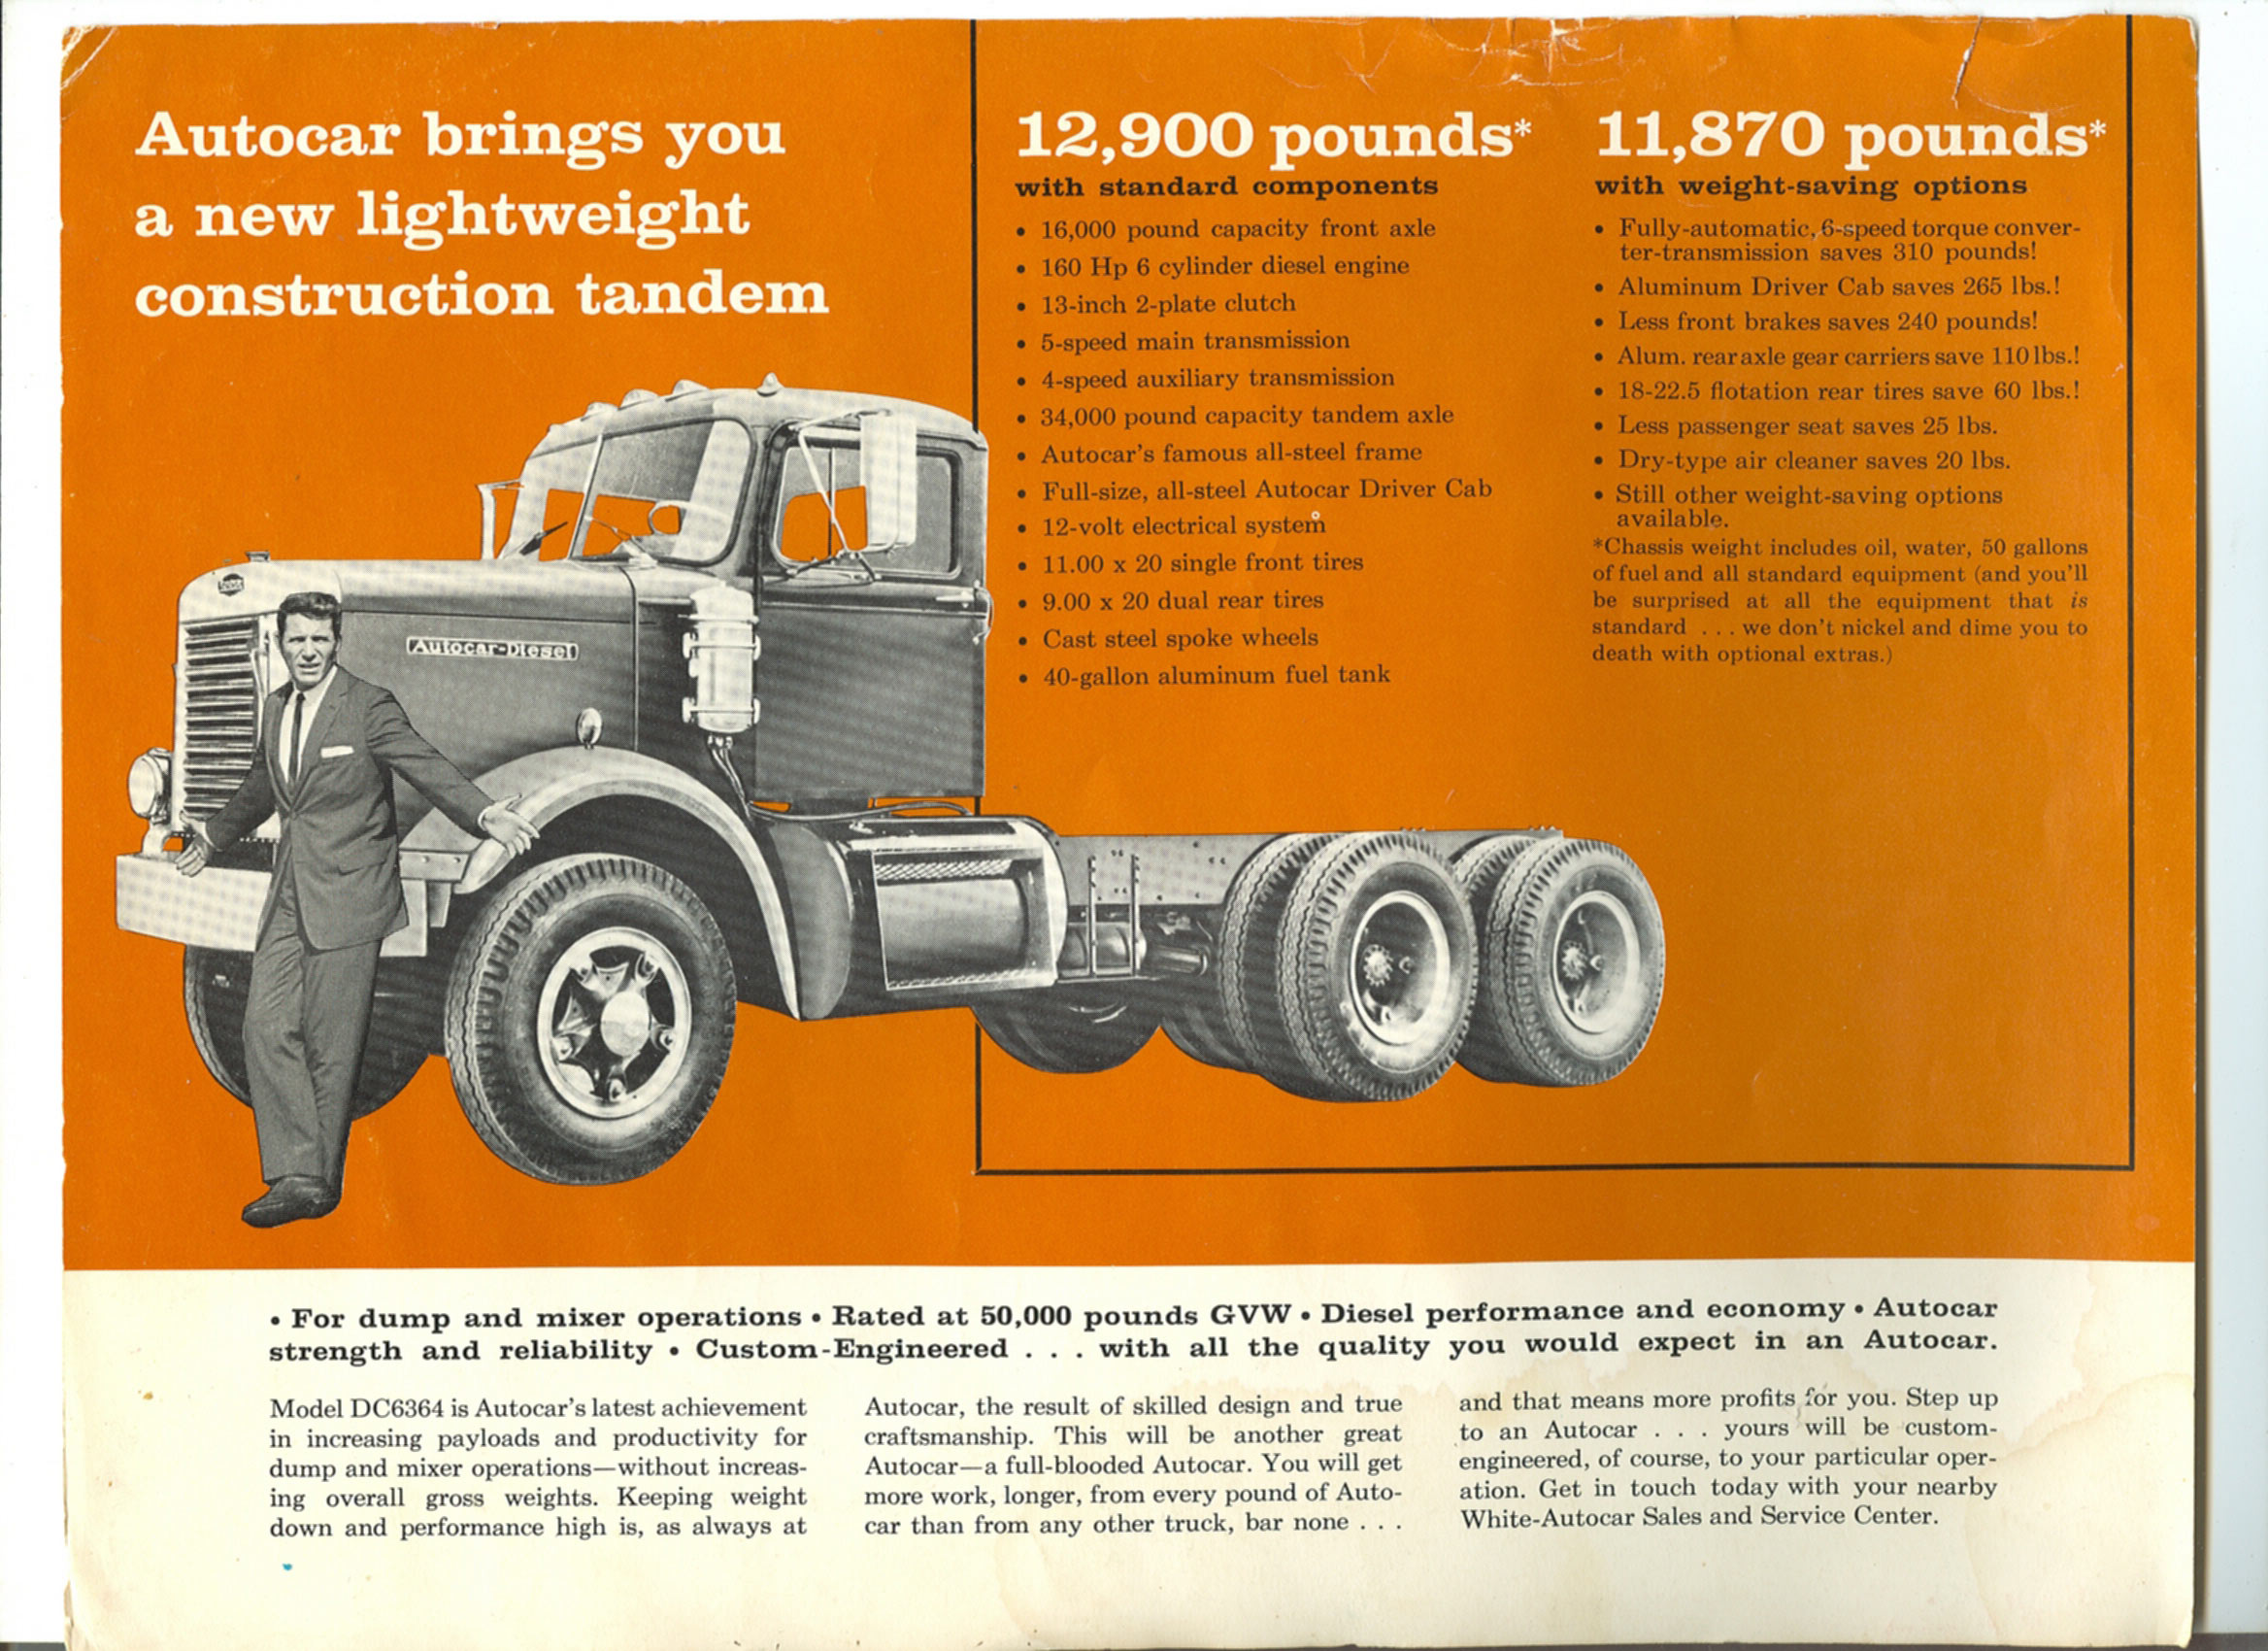 Autocar DC-6364 (Commercial vehicles) - Trucksplanet